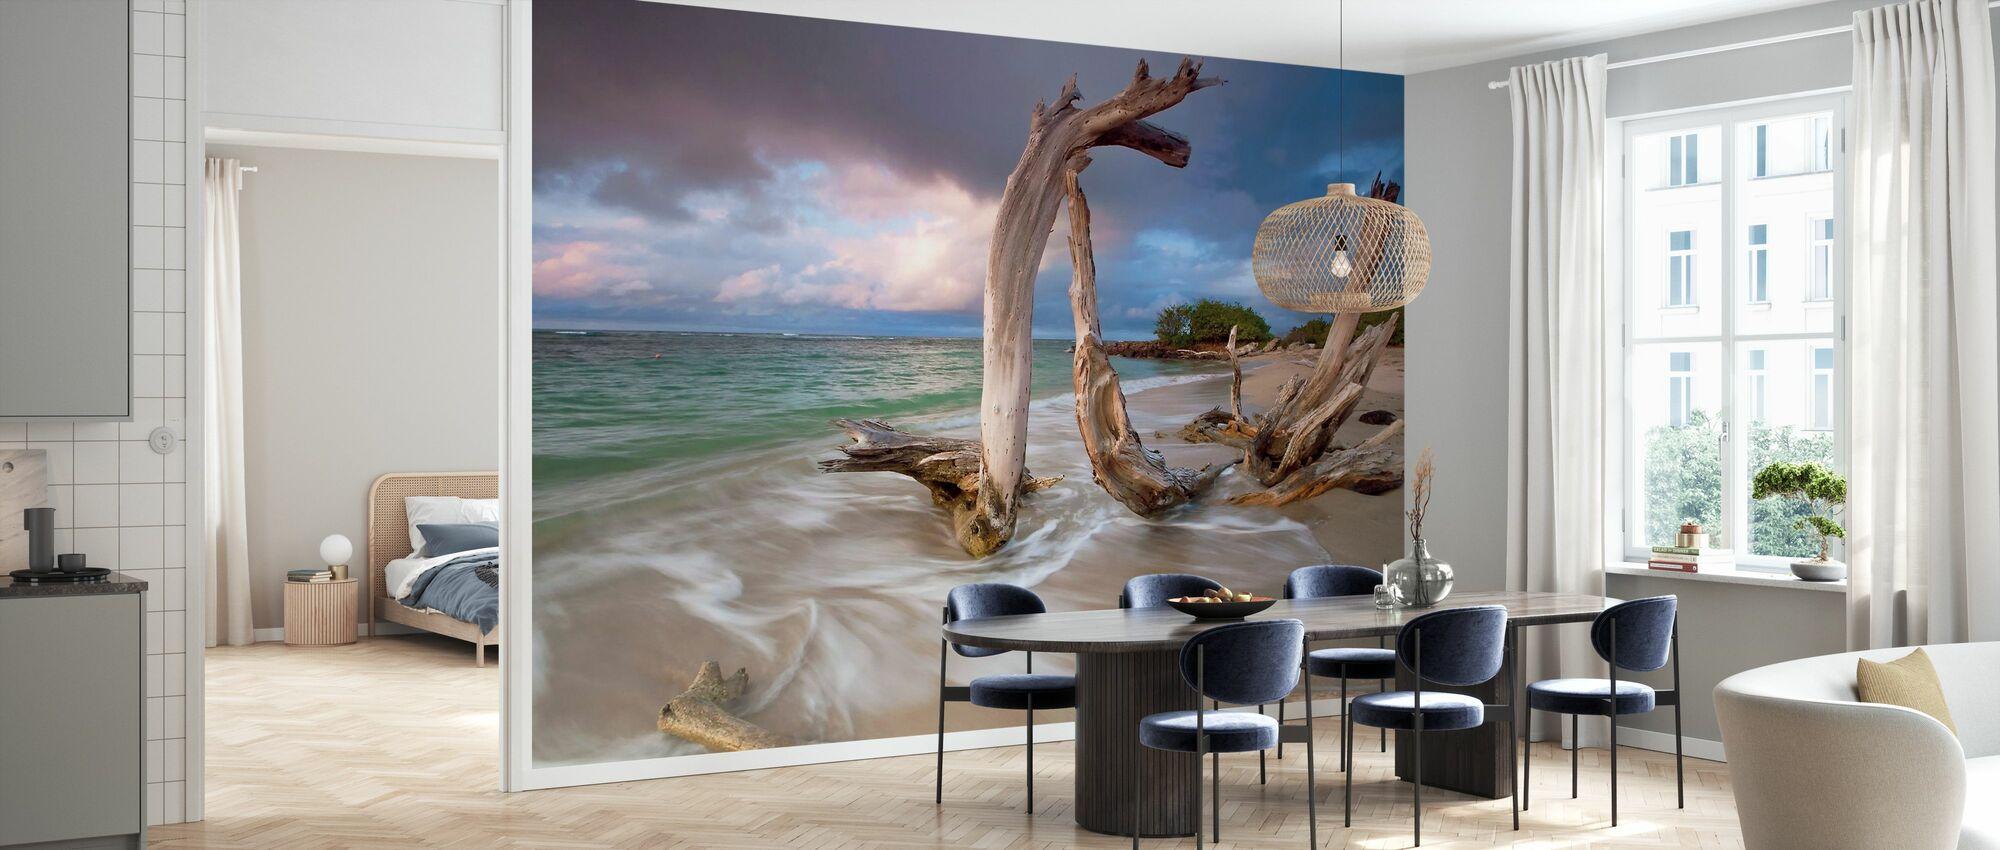 Driftwood Sunset - Wallpaper - Kitchen